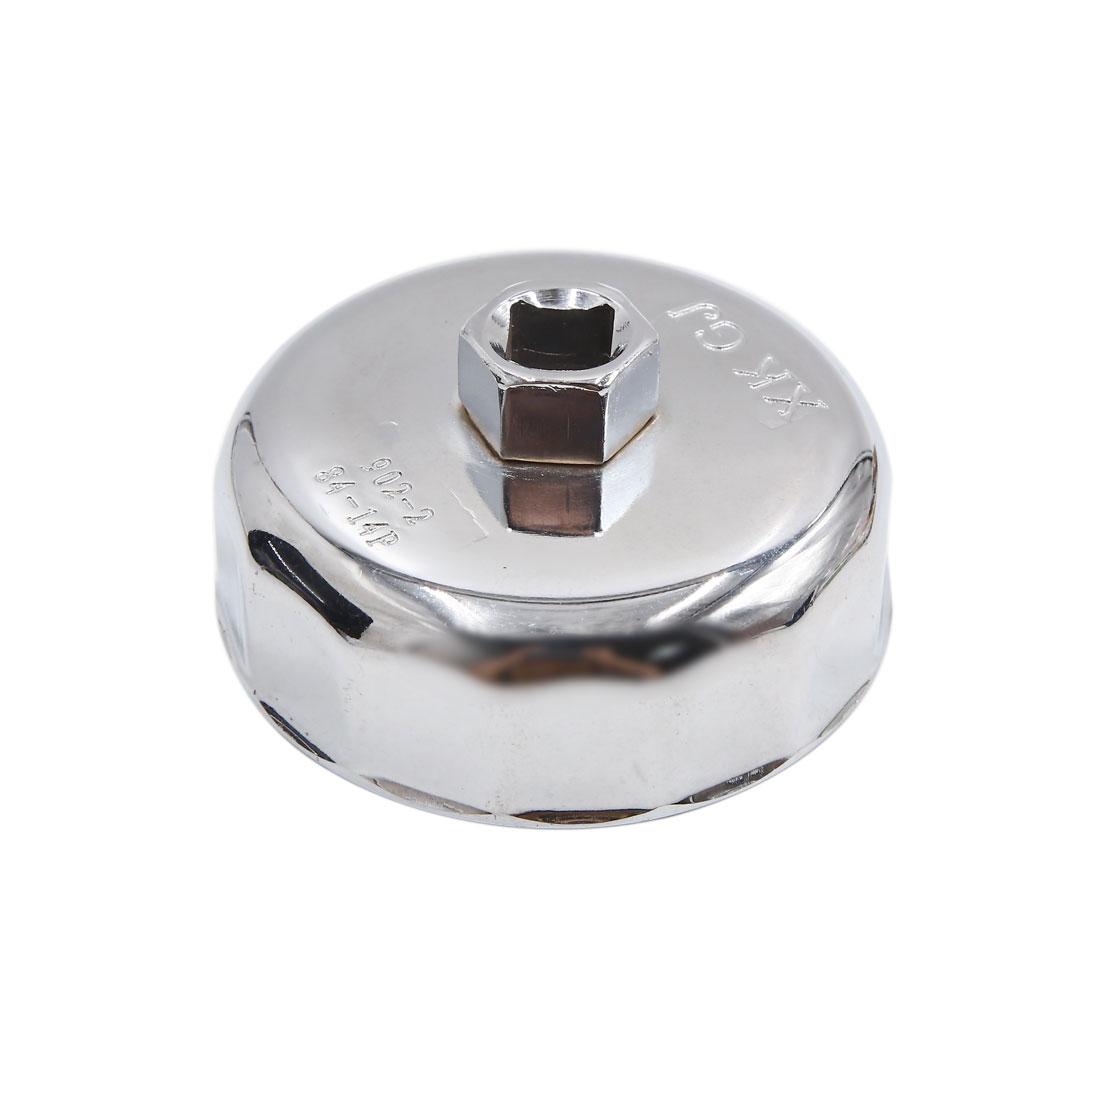 14 Flutes 84mm Inner Diameter Car Truck Cap-Type Oil Filter Wrench Remover Tool